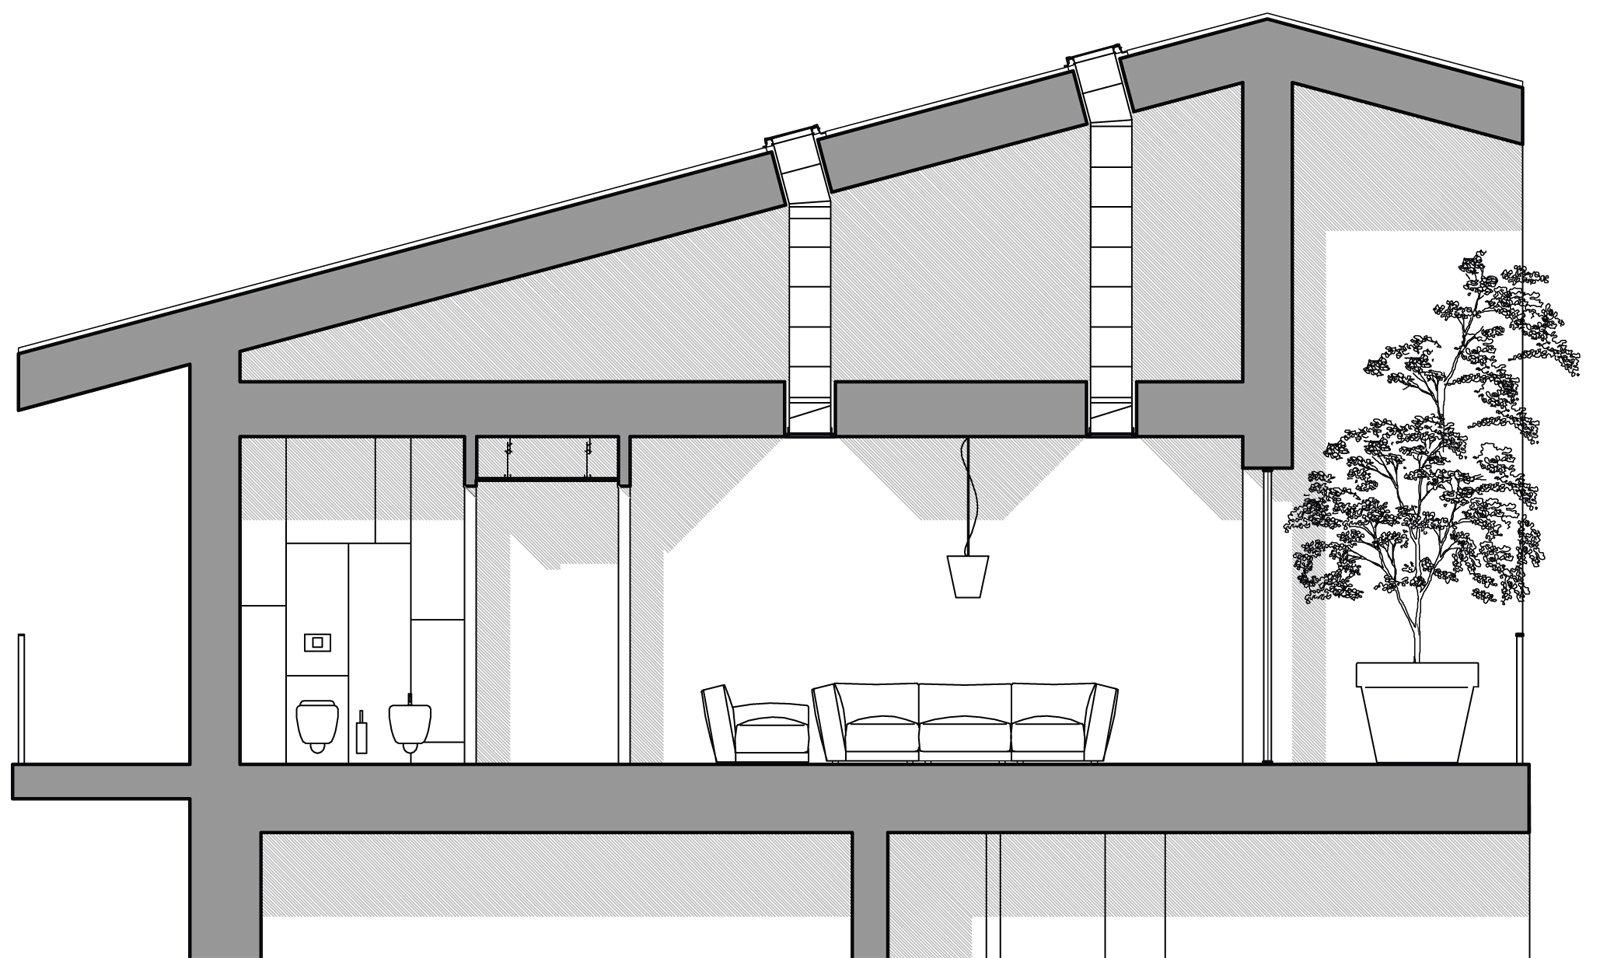 vetrocemento moderno apribile : La dimensione del foro da realizzare nel tetto e la lunghezza del ...